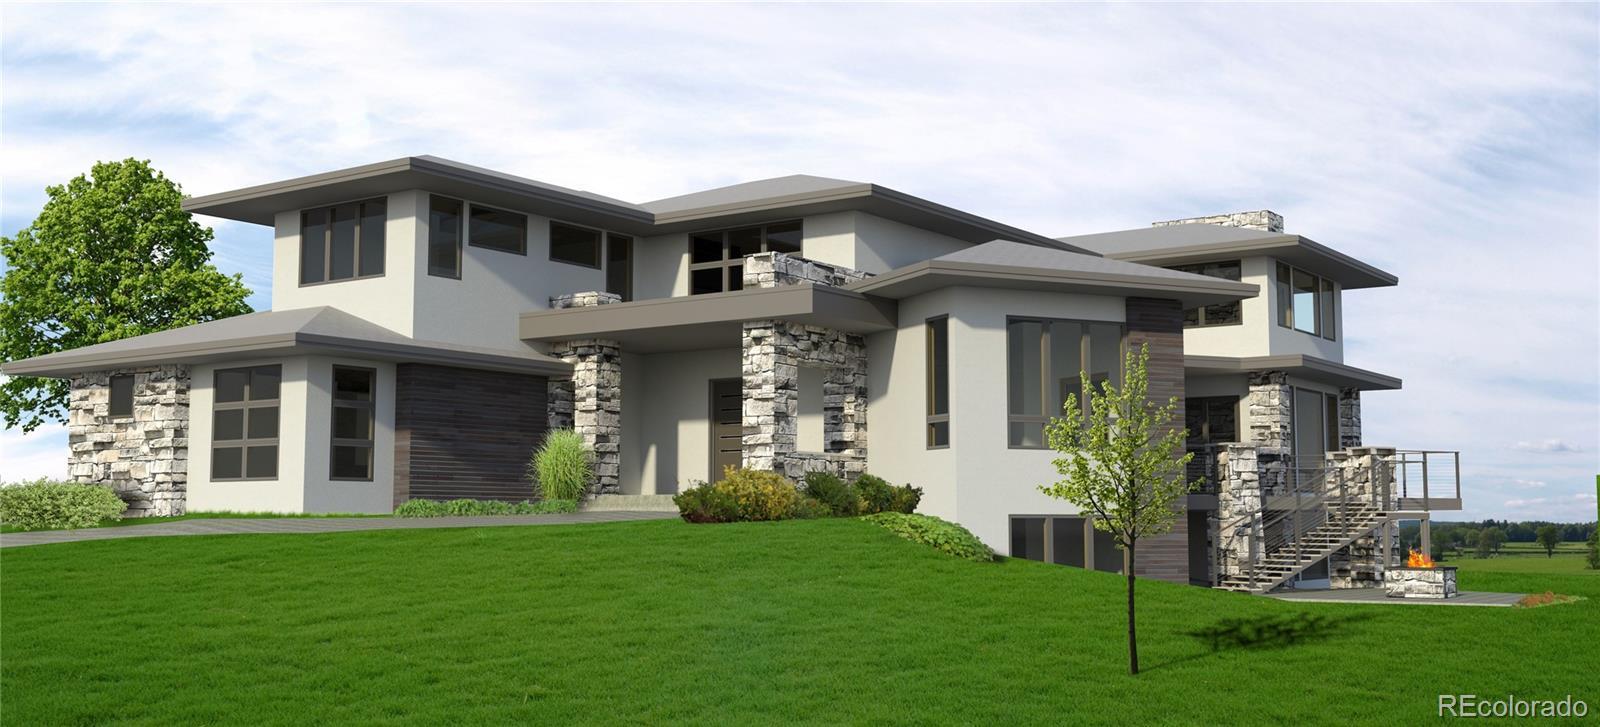 4100 E 145th Avenue, Thornton, CO 80602 - Thornton, CO real estate listing